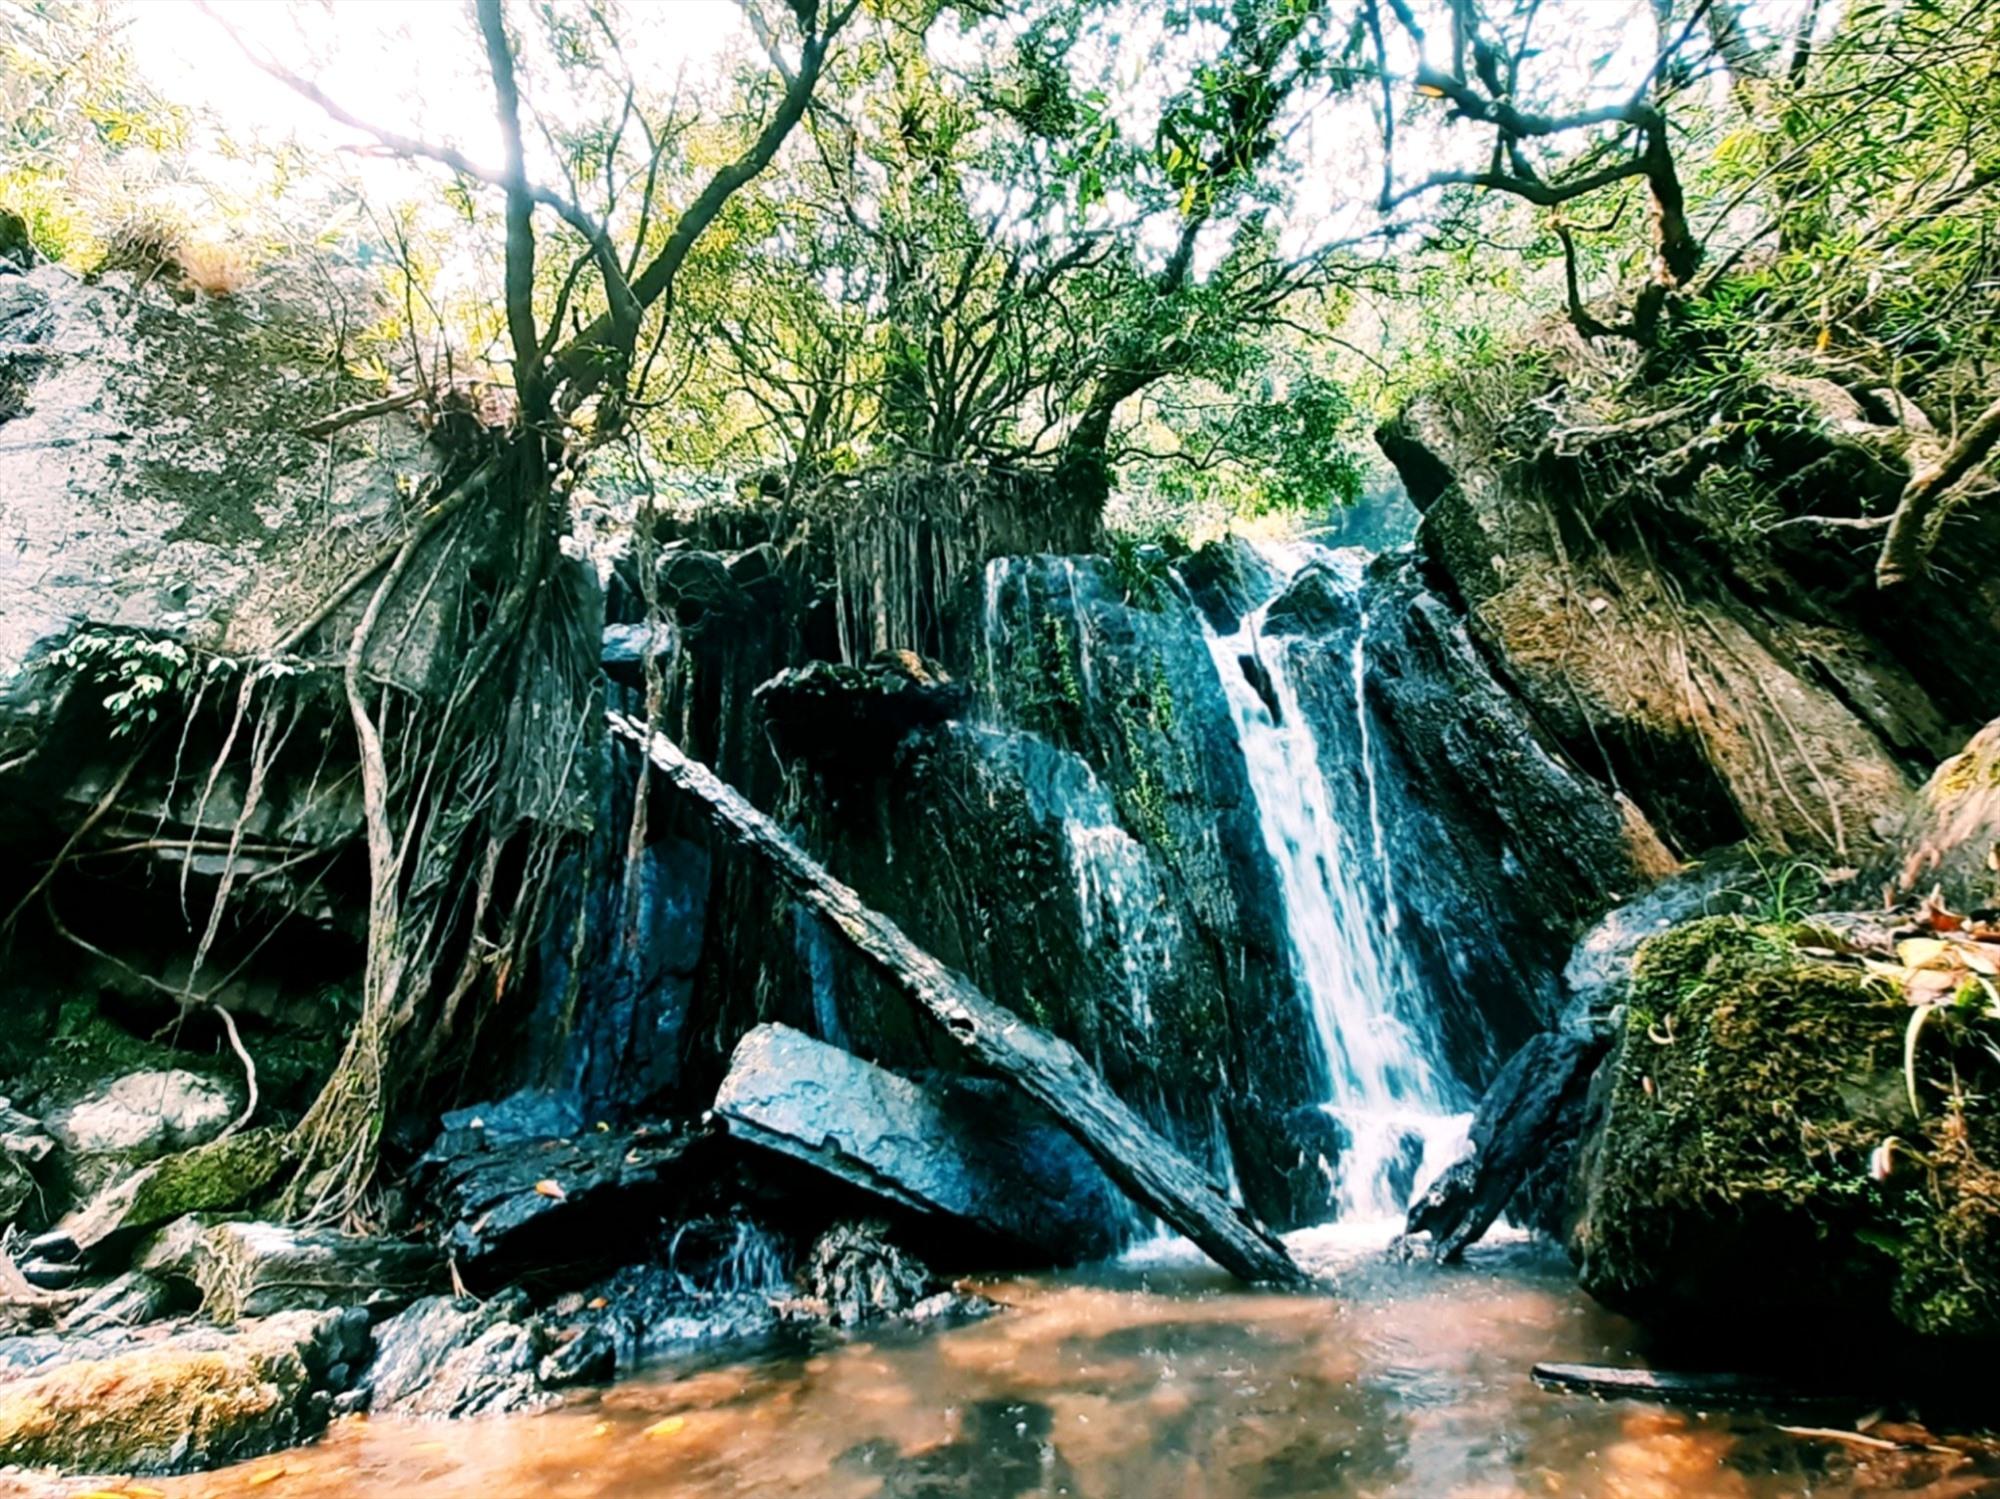 Những ngày hè, có dịp đến với thác nước R'măng, niềm vui sướng không gì bằng. Ảnh: N.L